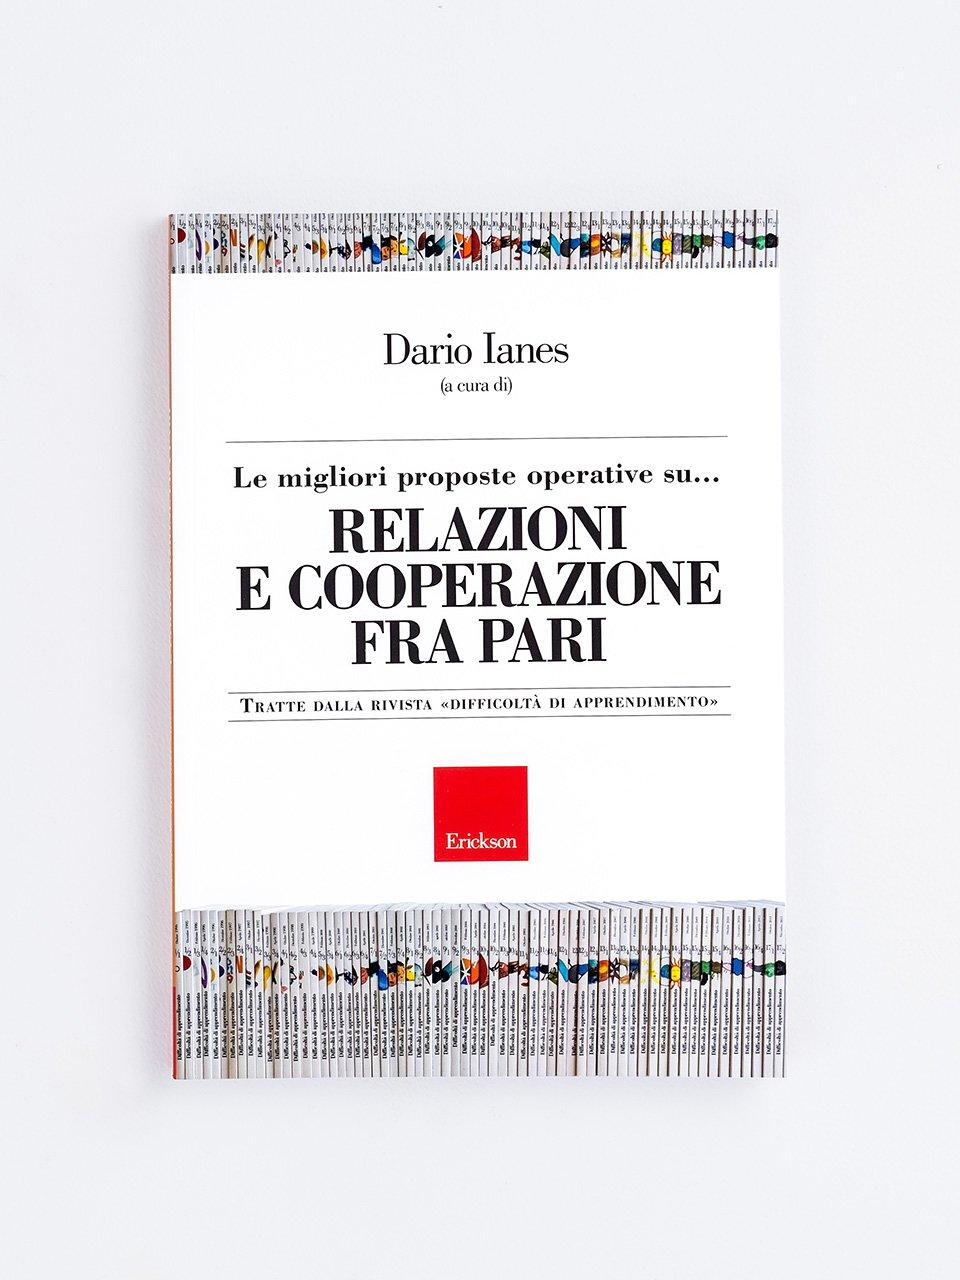 Le migliori proposte operative su... RELAZIONI E COOPERAZIONE FRA PARI - 99 idee per lavorare in gruppo - Libri - Erickson